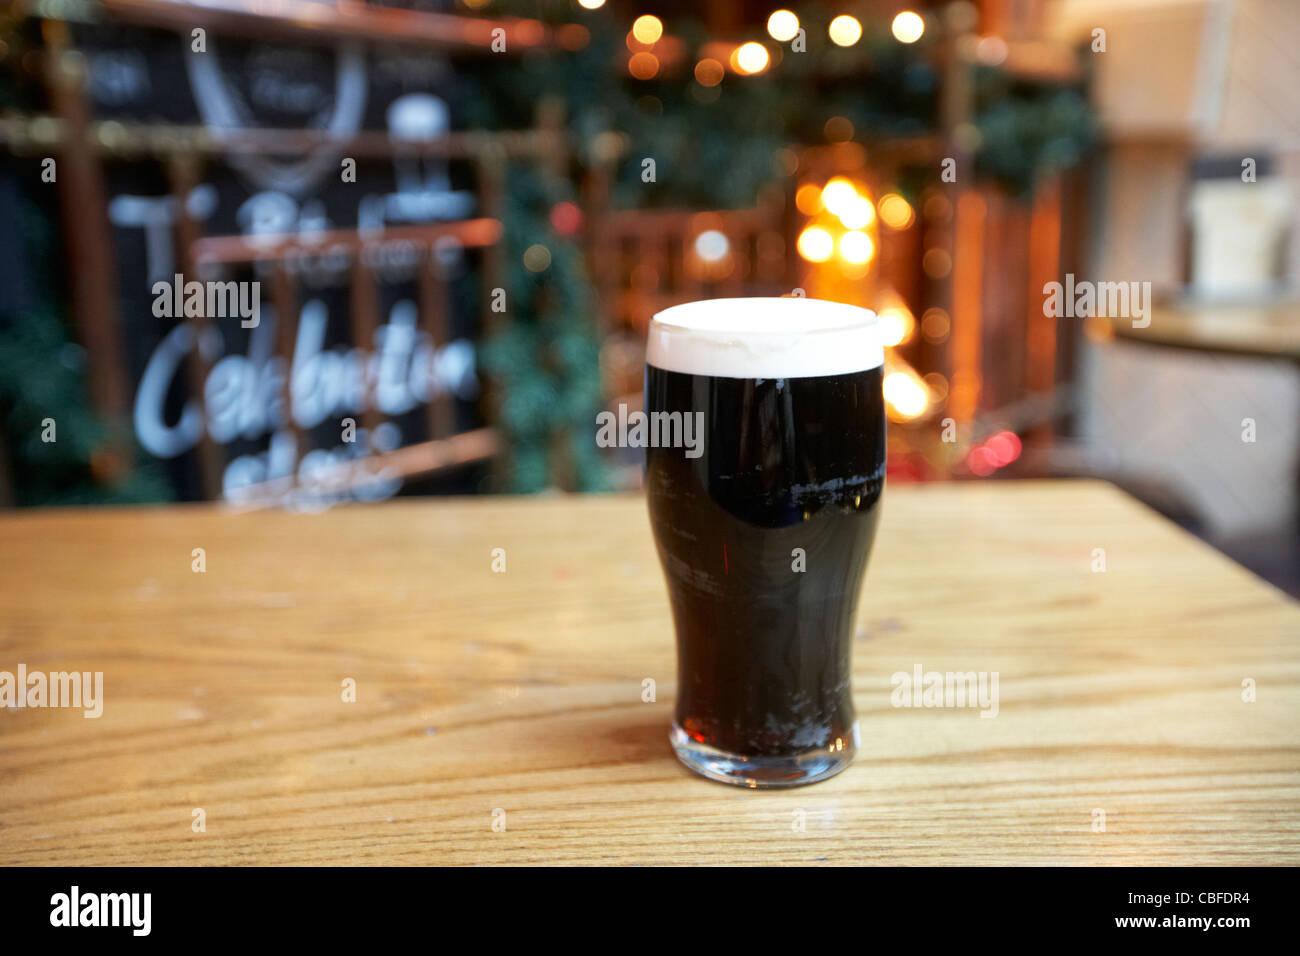 Pinta de cerveza negra sobre una tabla en un gastro pub Londres England Reino Unido Imagen De Stock